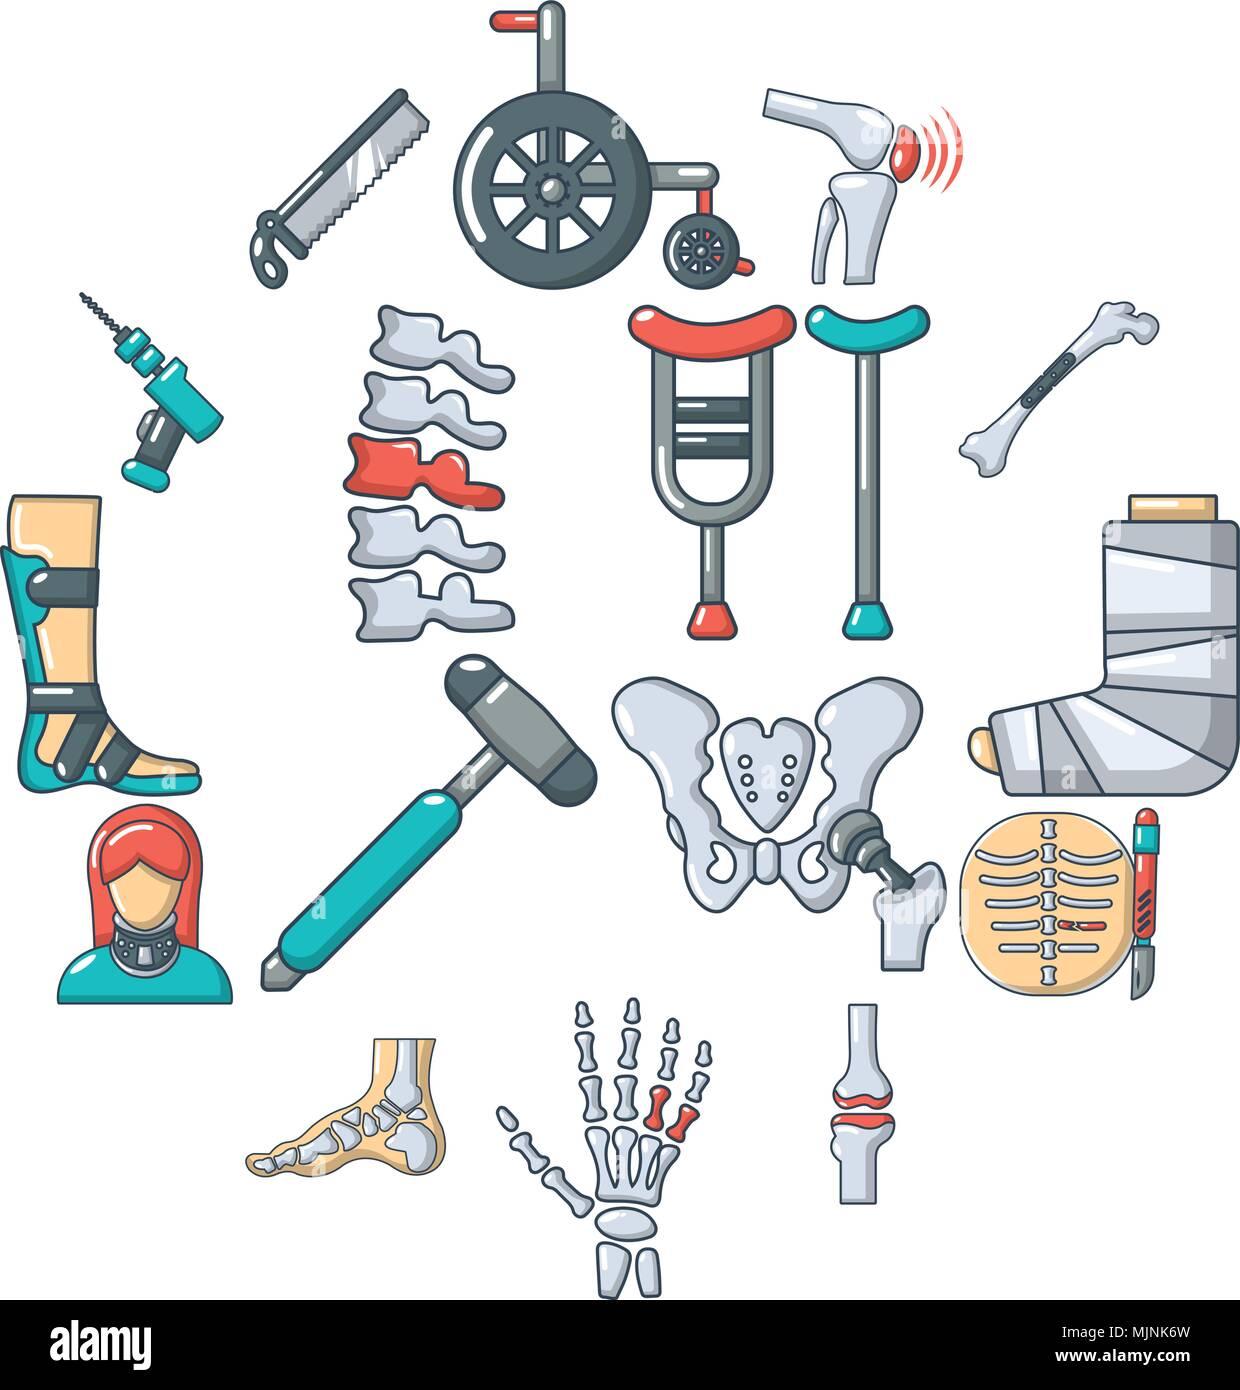 Orthopedist bone tools icons set, cartoon style - Stock Image